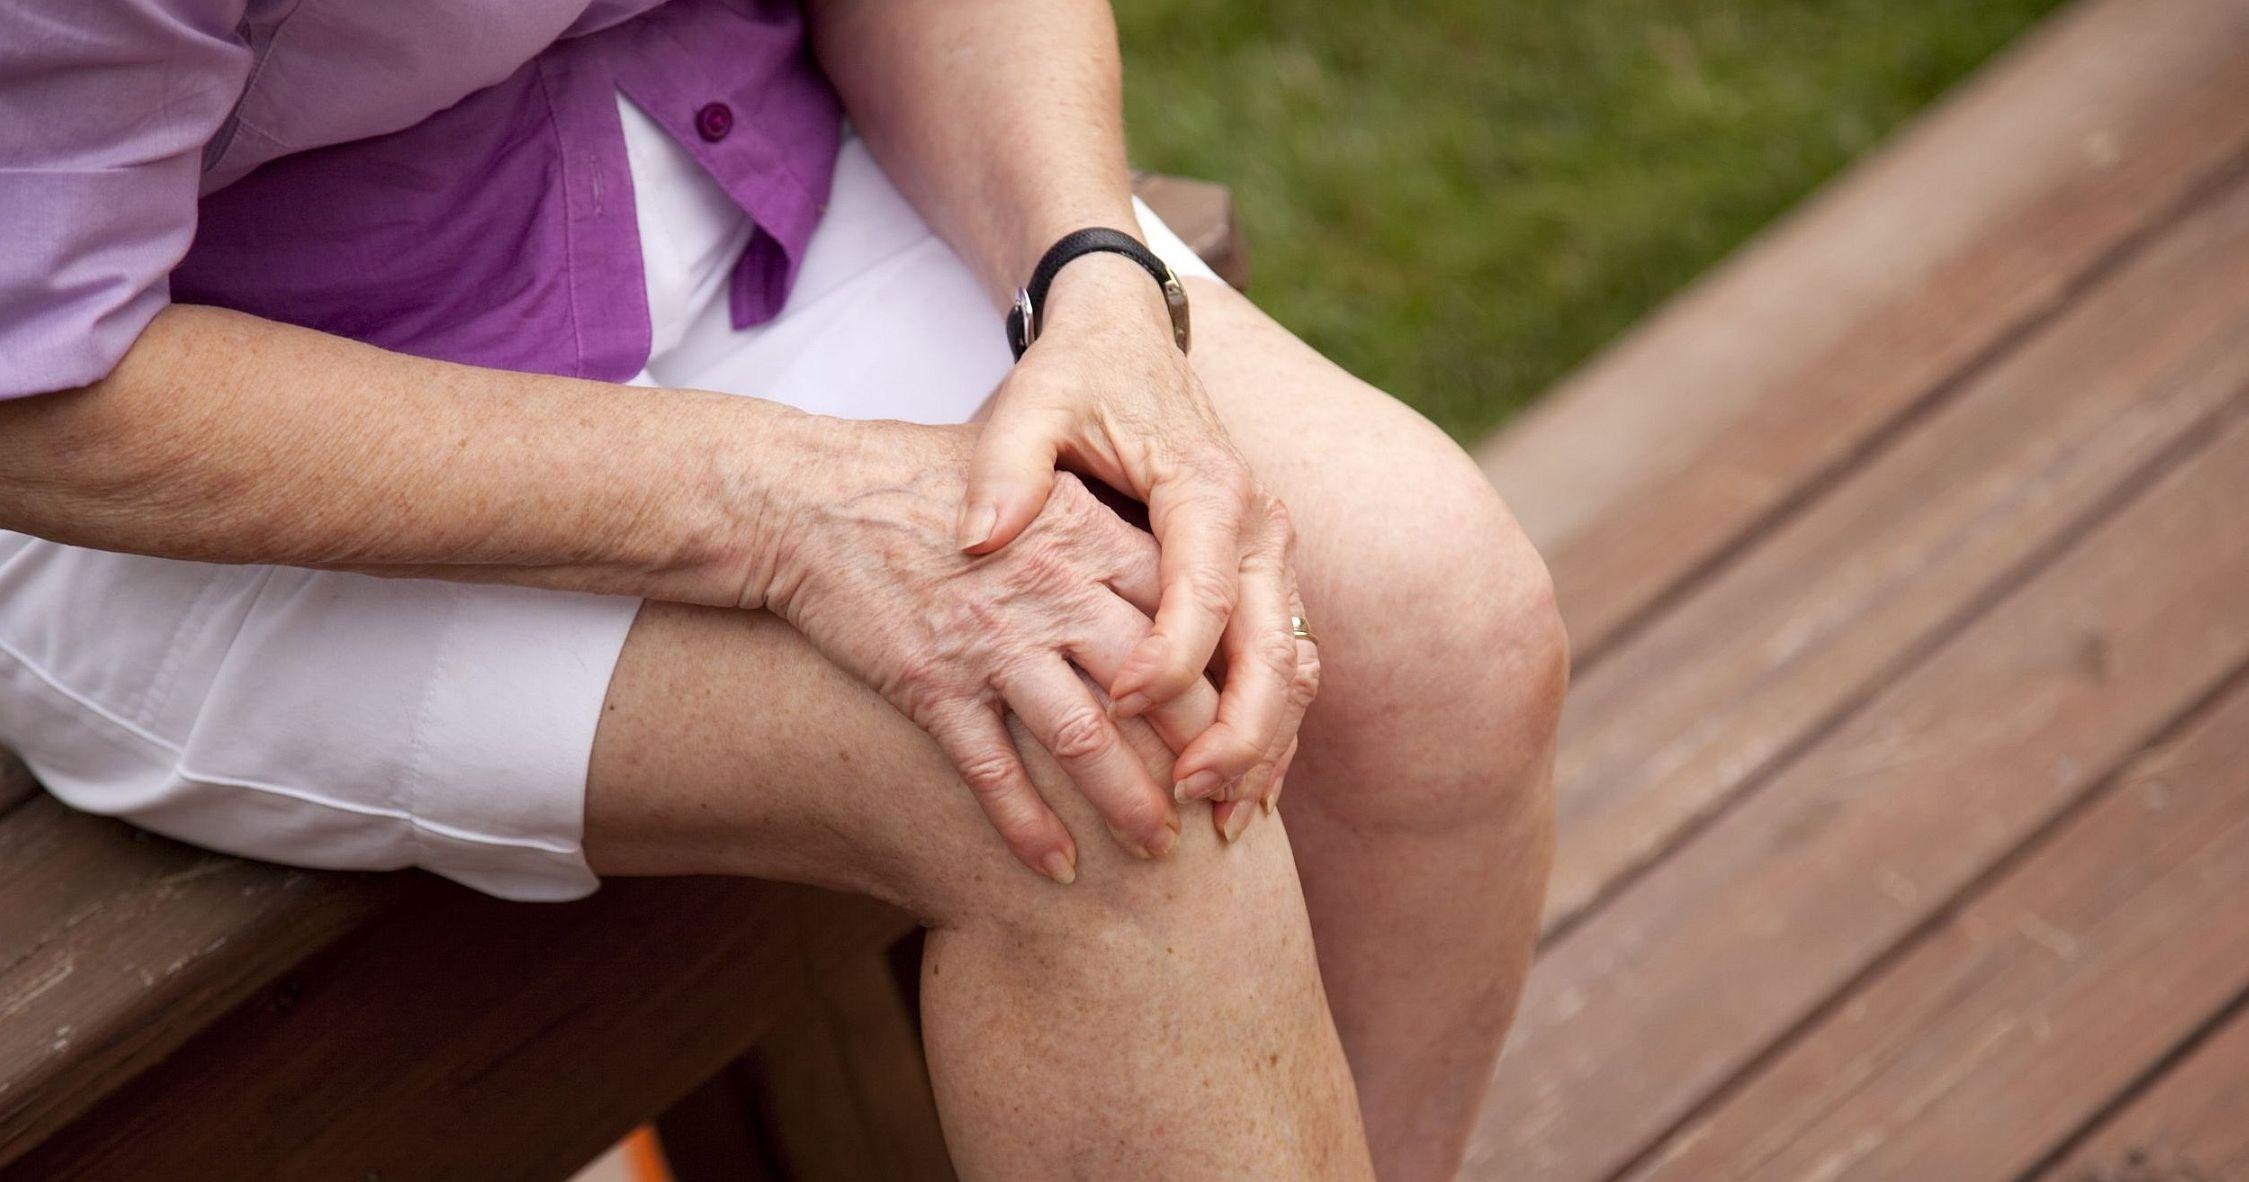 sarok ízületi betegségek csípőfájdalom, amikor ülsz